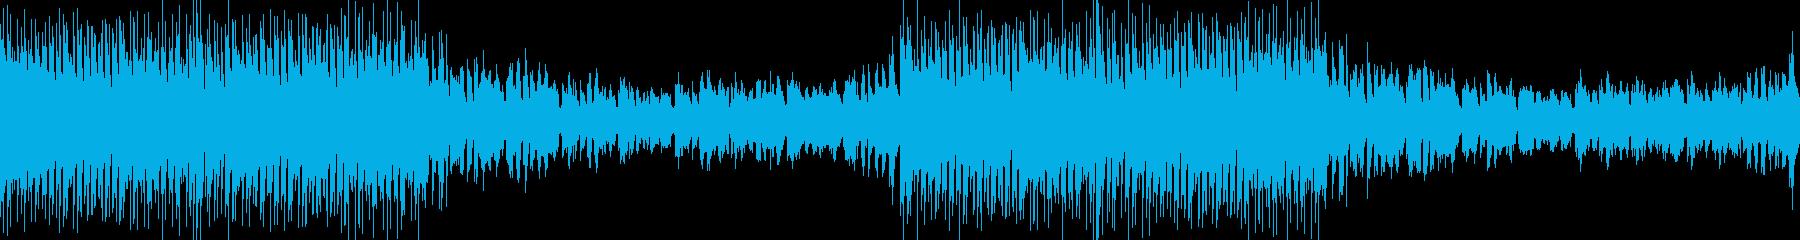 楽しいアミューズメントスポーツEDMの再生済みの波形